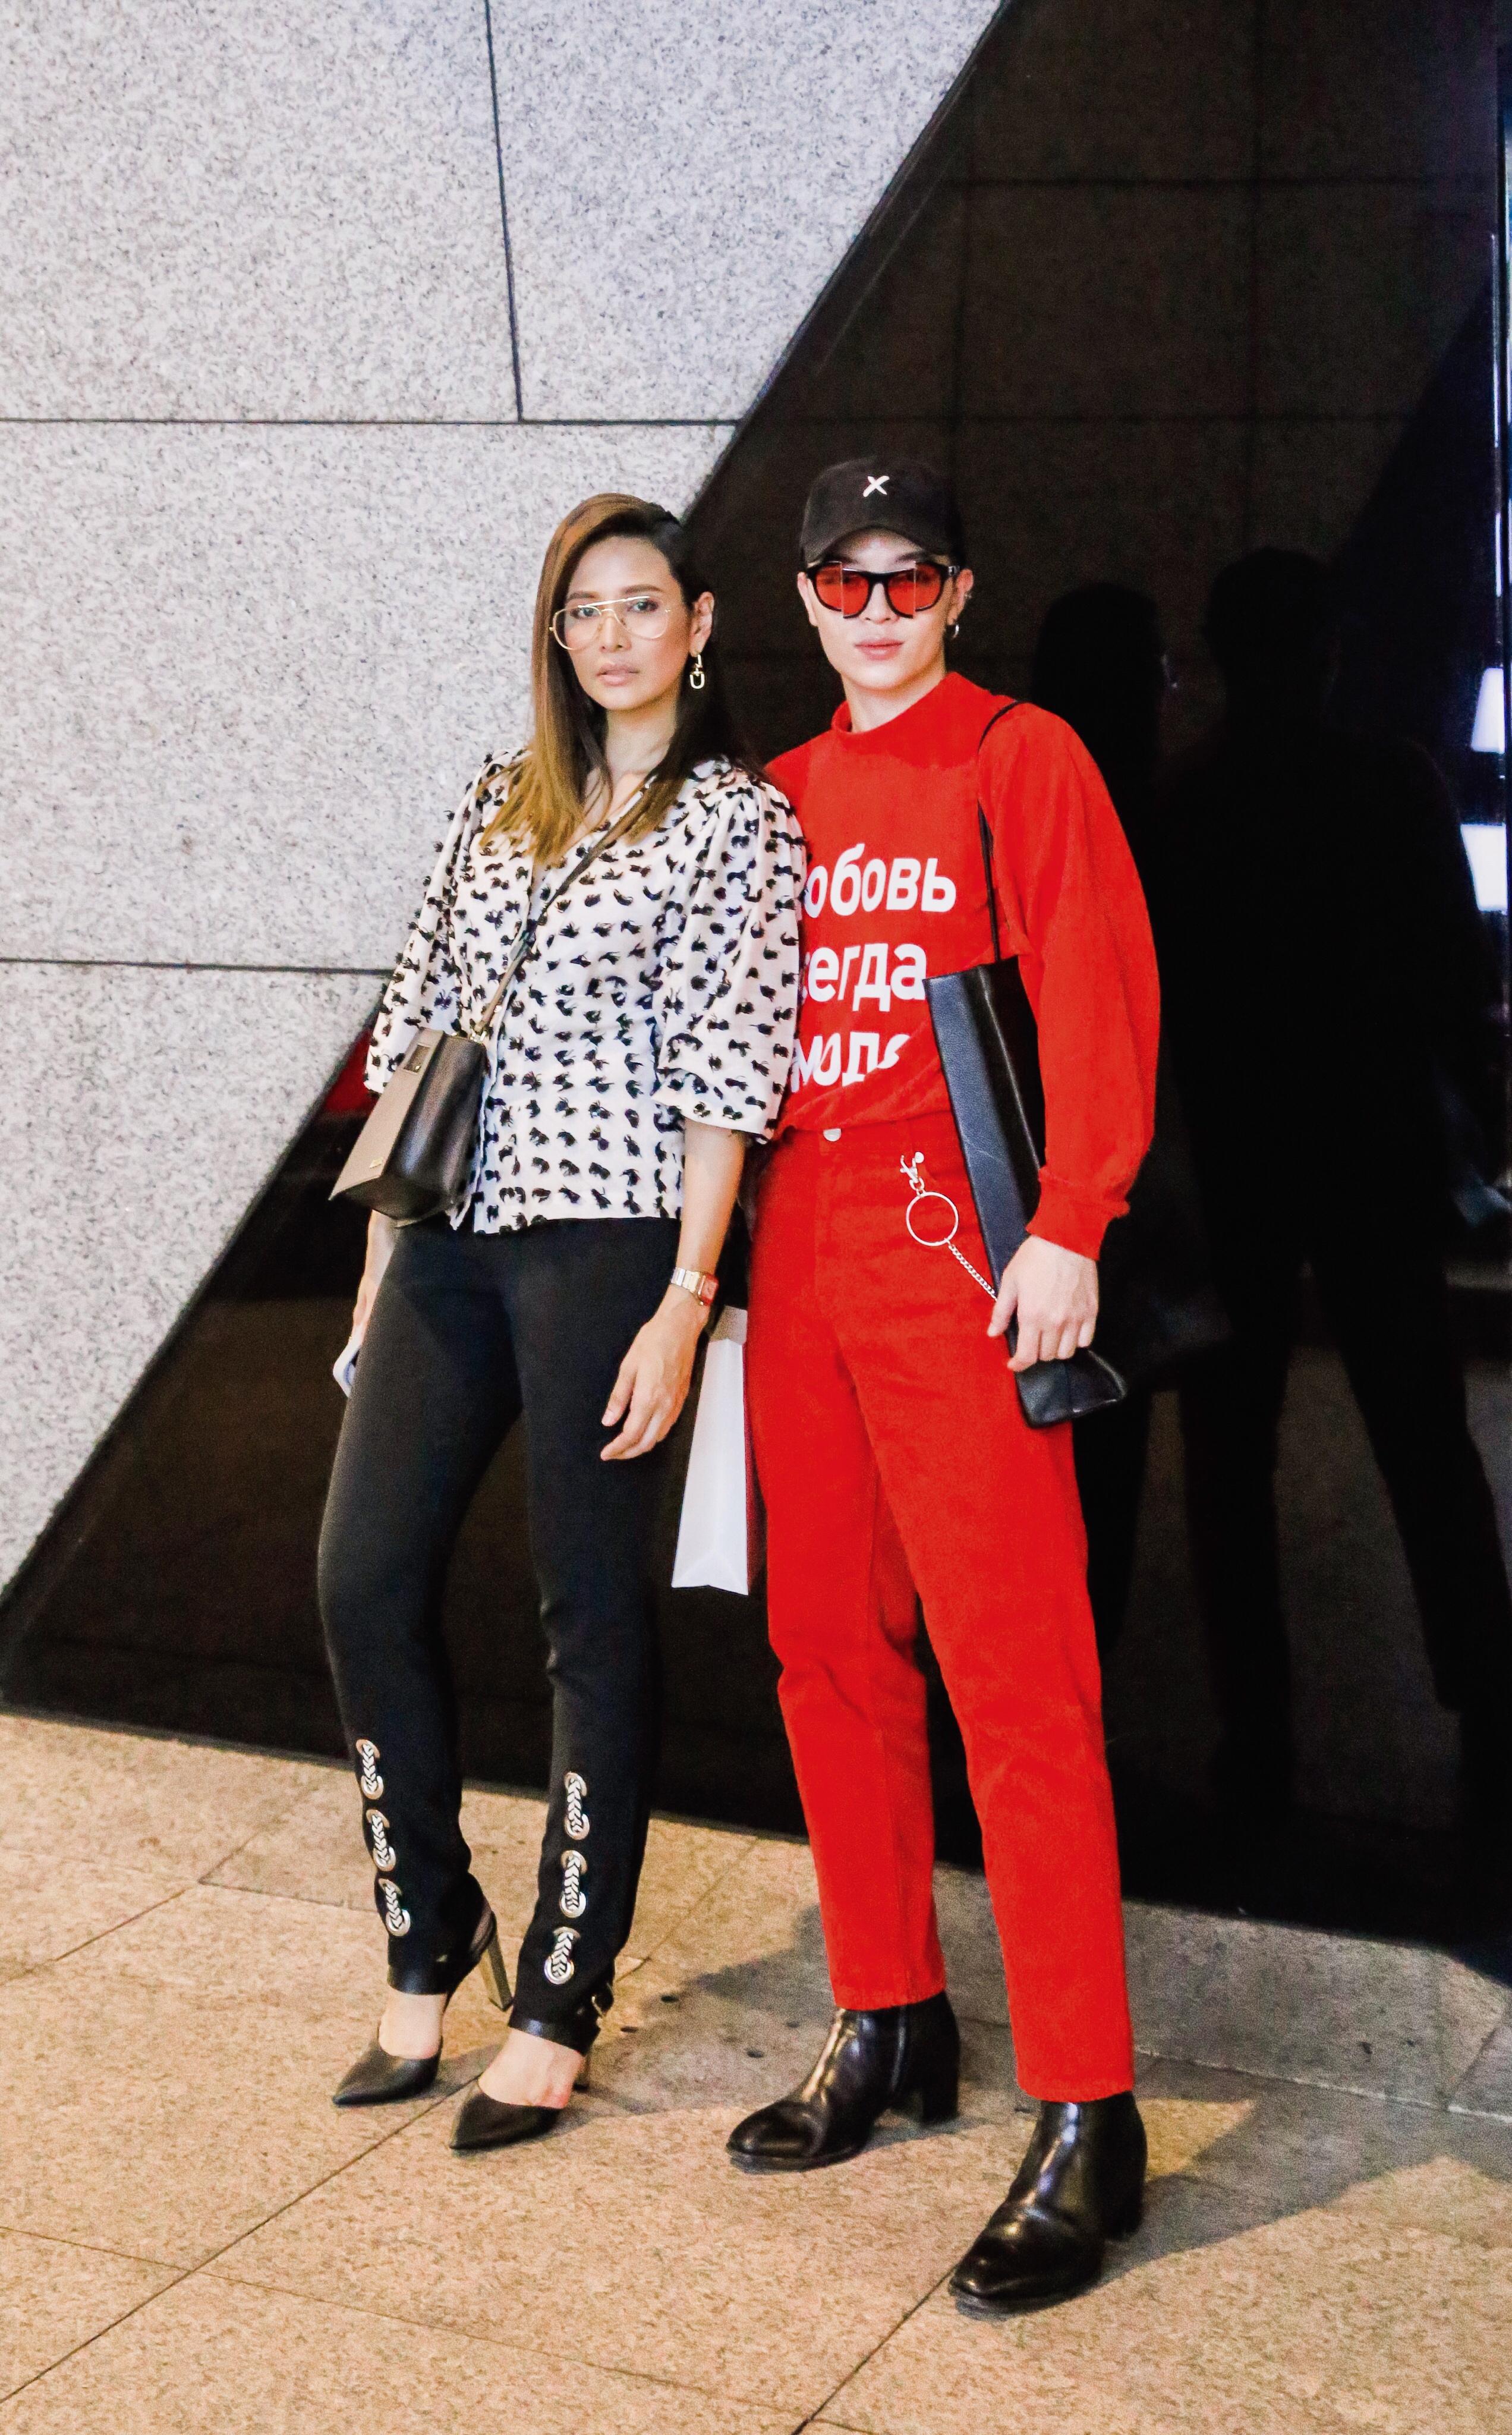 Lần đầu đến Malaysia dự fashion week, Kelbin Lei không ngờ giới trẻ ở đây biết rõ về mình - Ảnh 2.